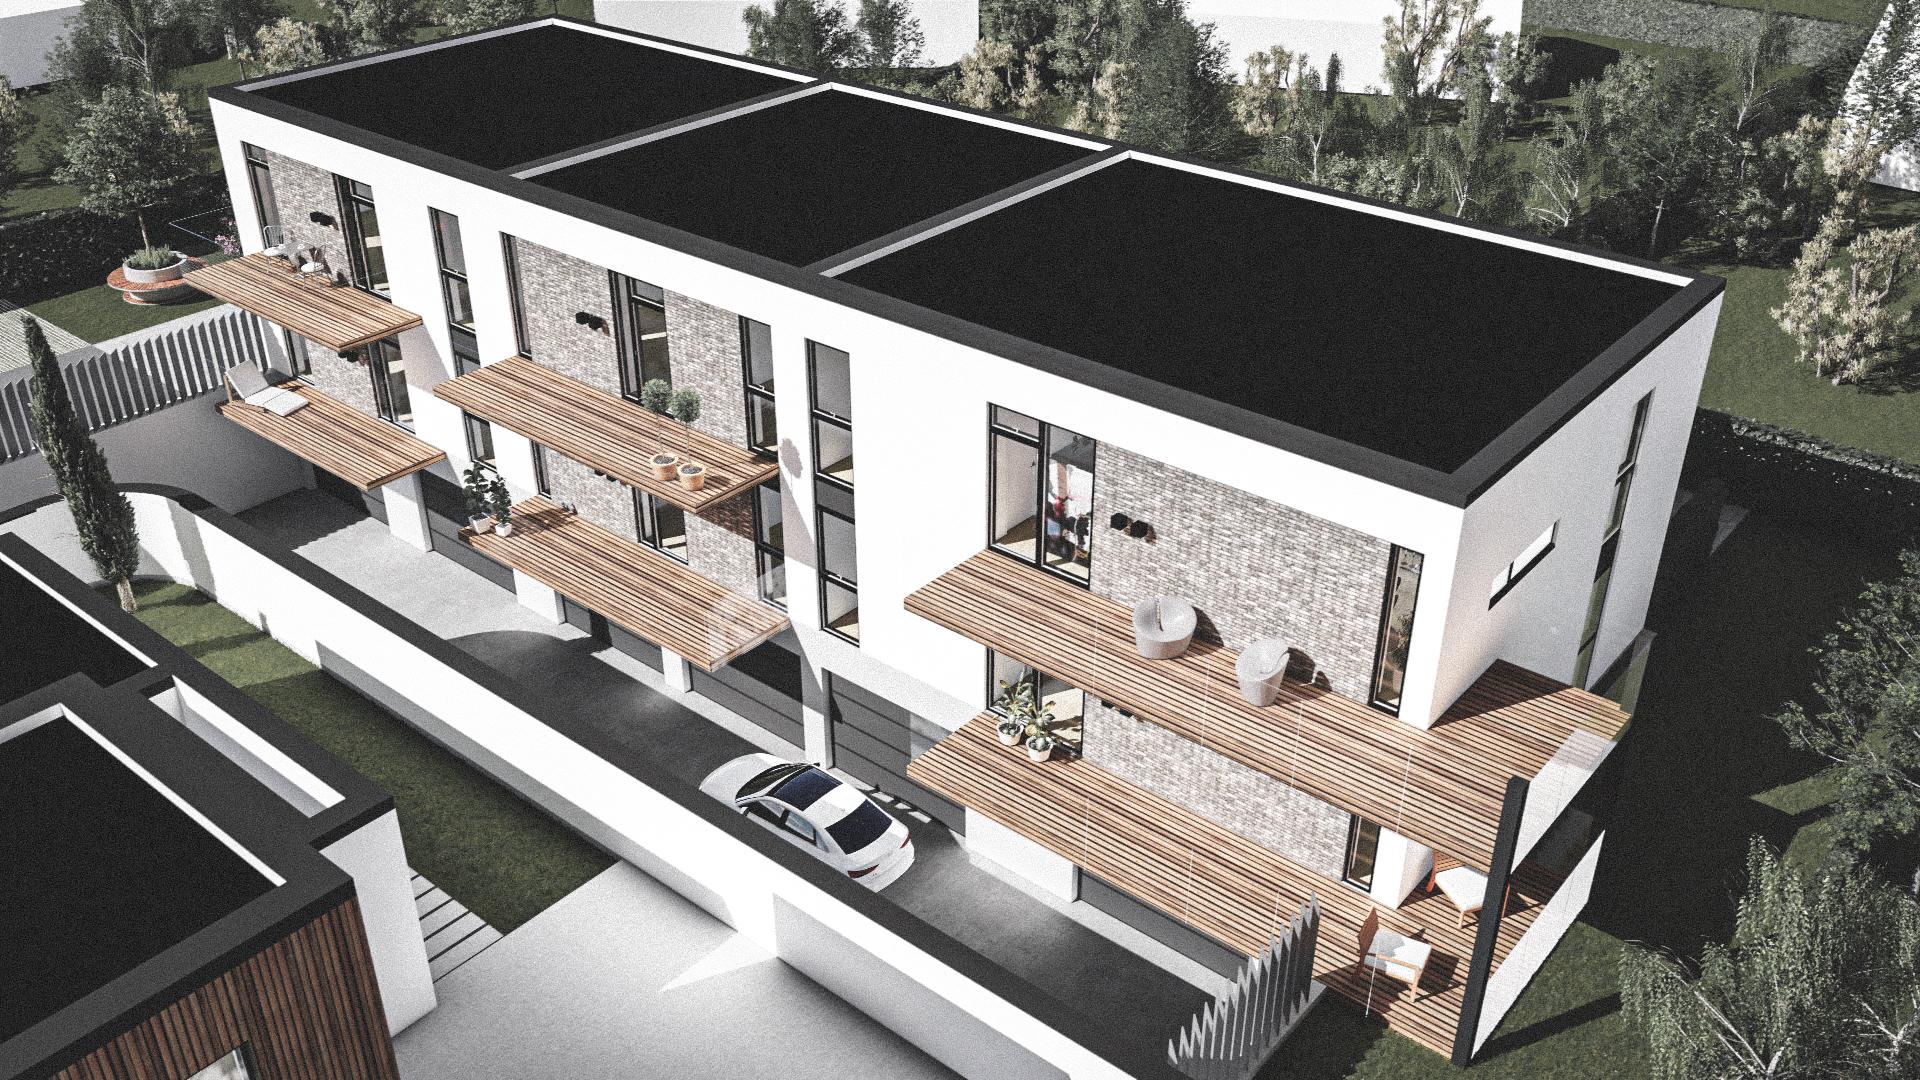 Billede af Dansk arkitekttegnet 3 plan villa af arkitektfirmaet m2plus, i Kastrup på 862 kvartratmeter.